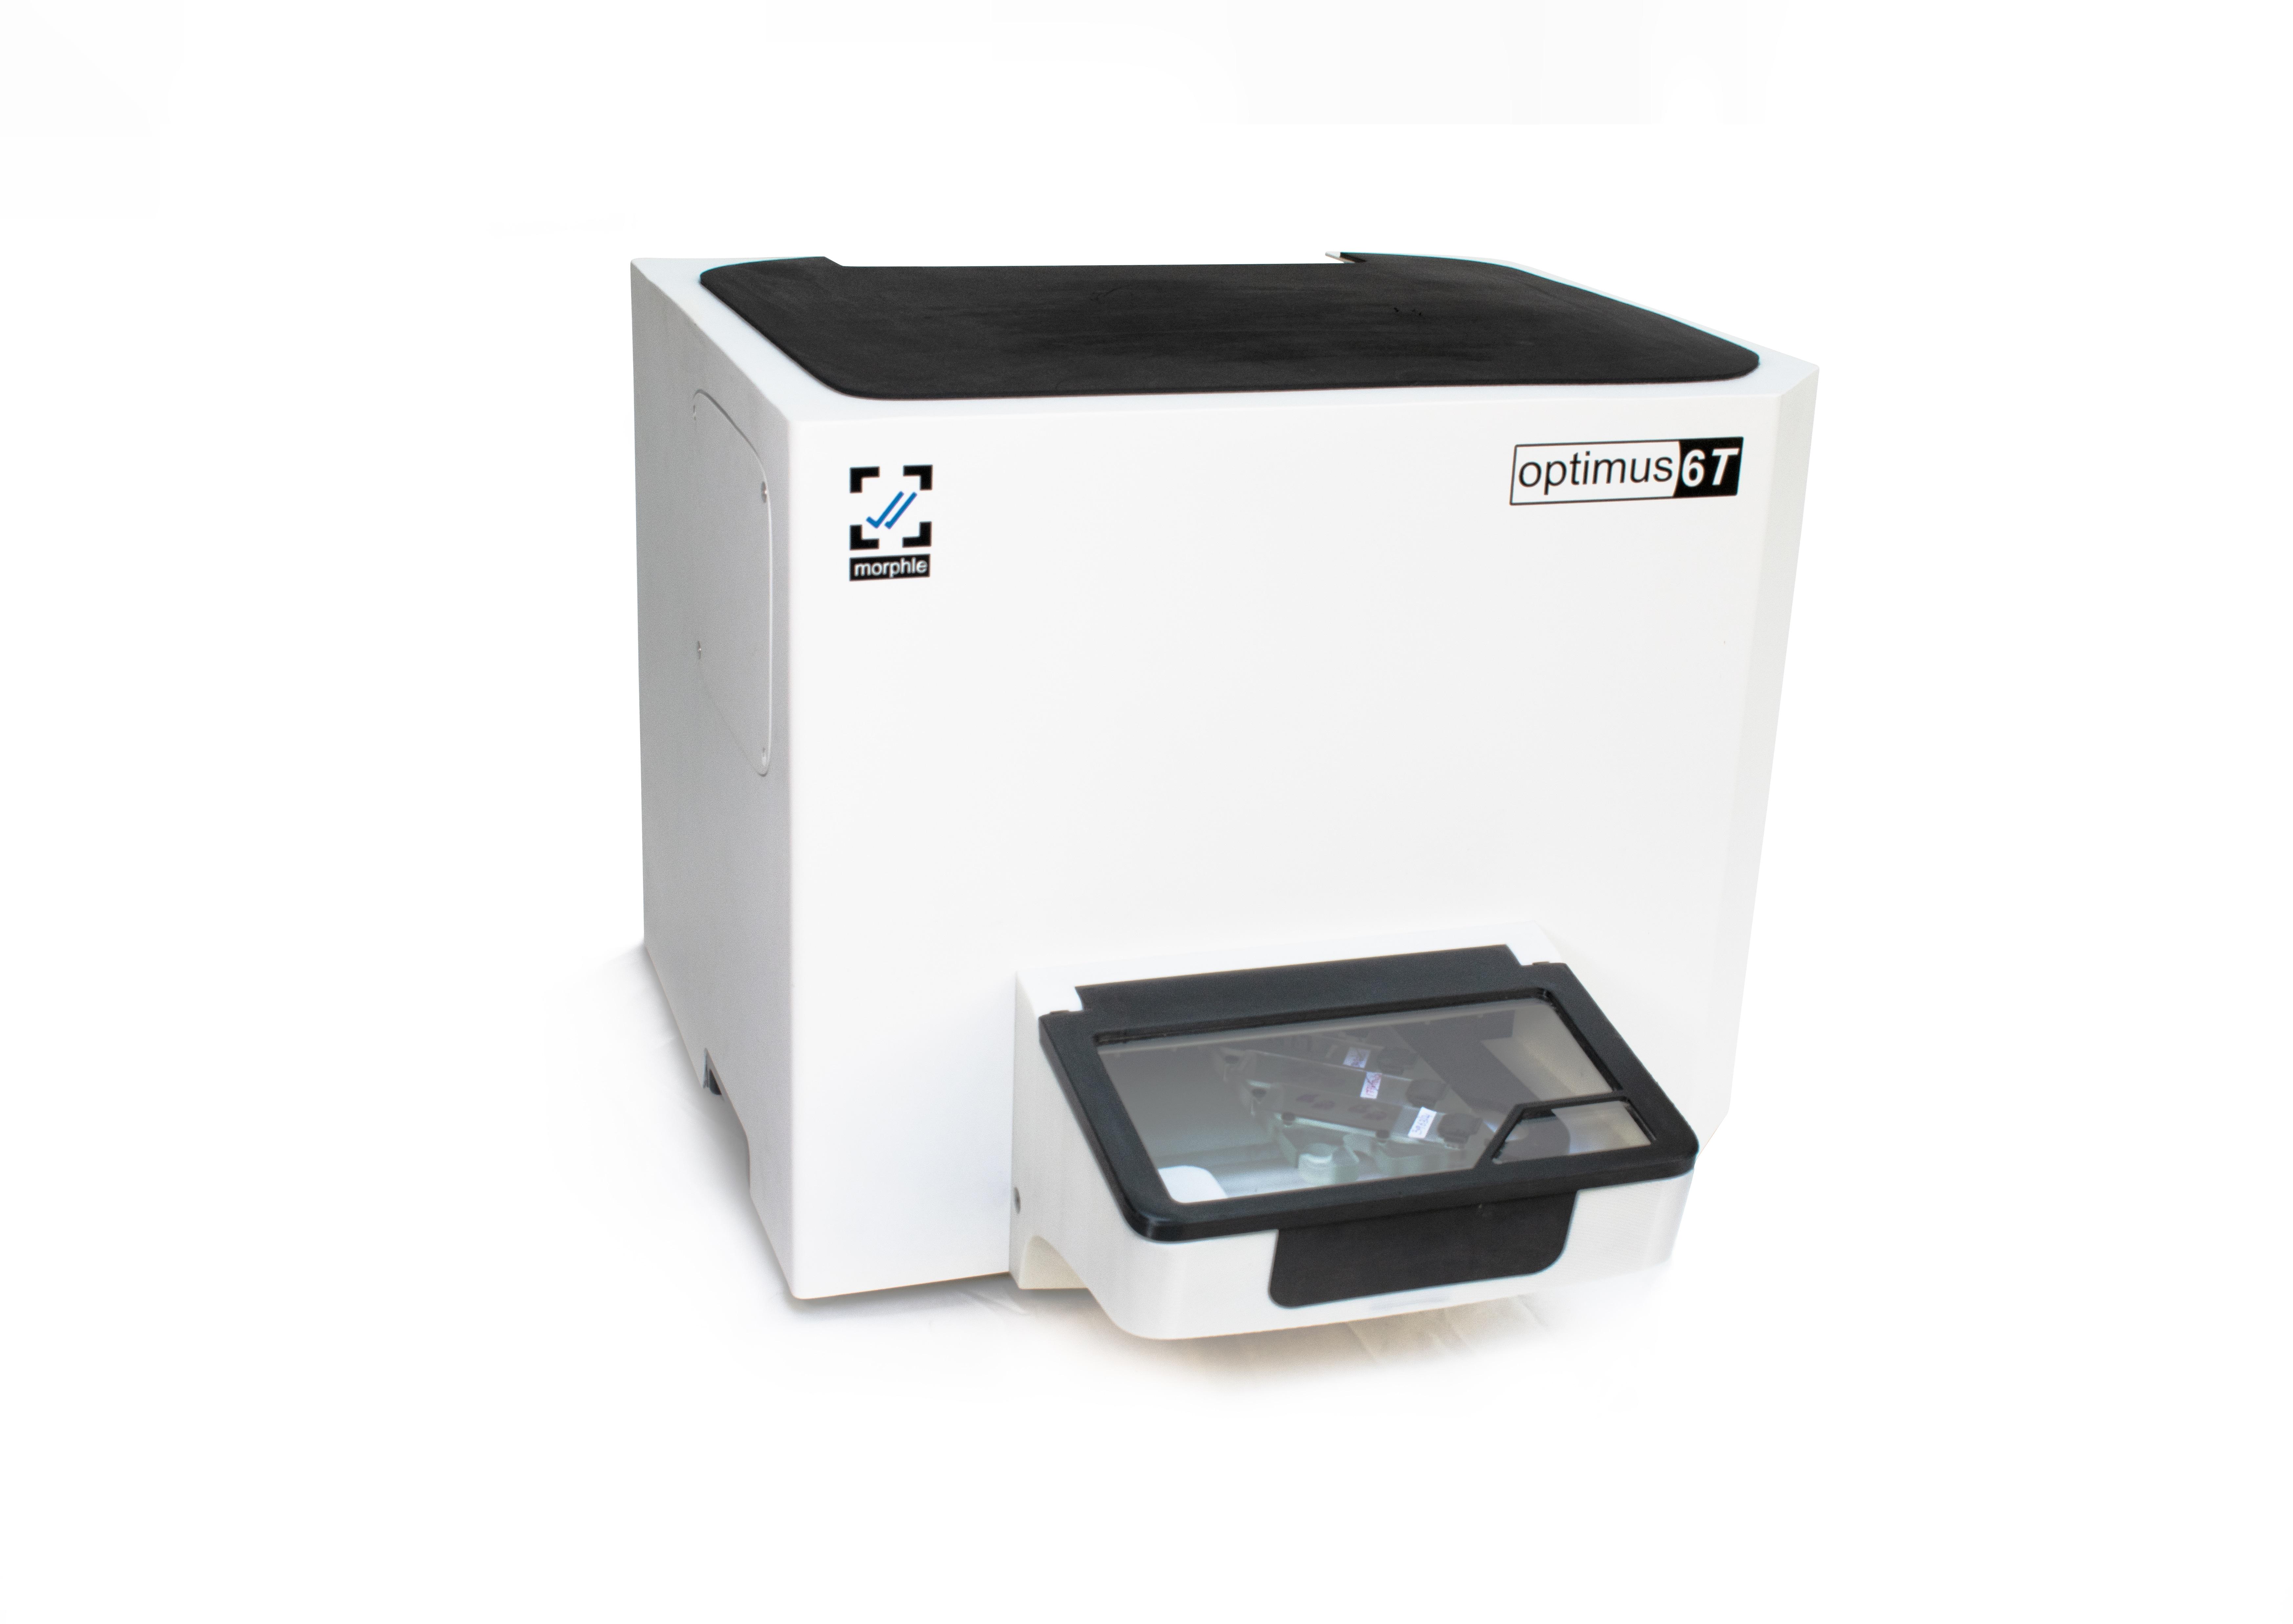 Optimus - 6 slide microscope scanner from Morphle Digital Pathology